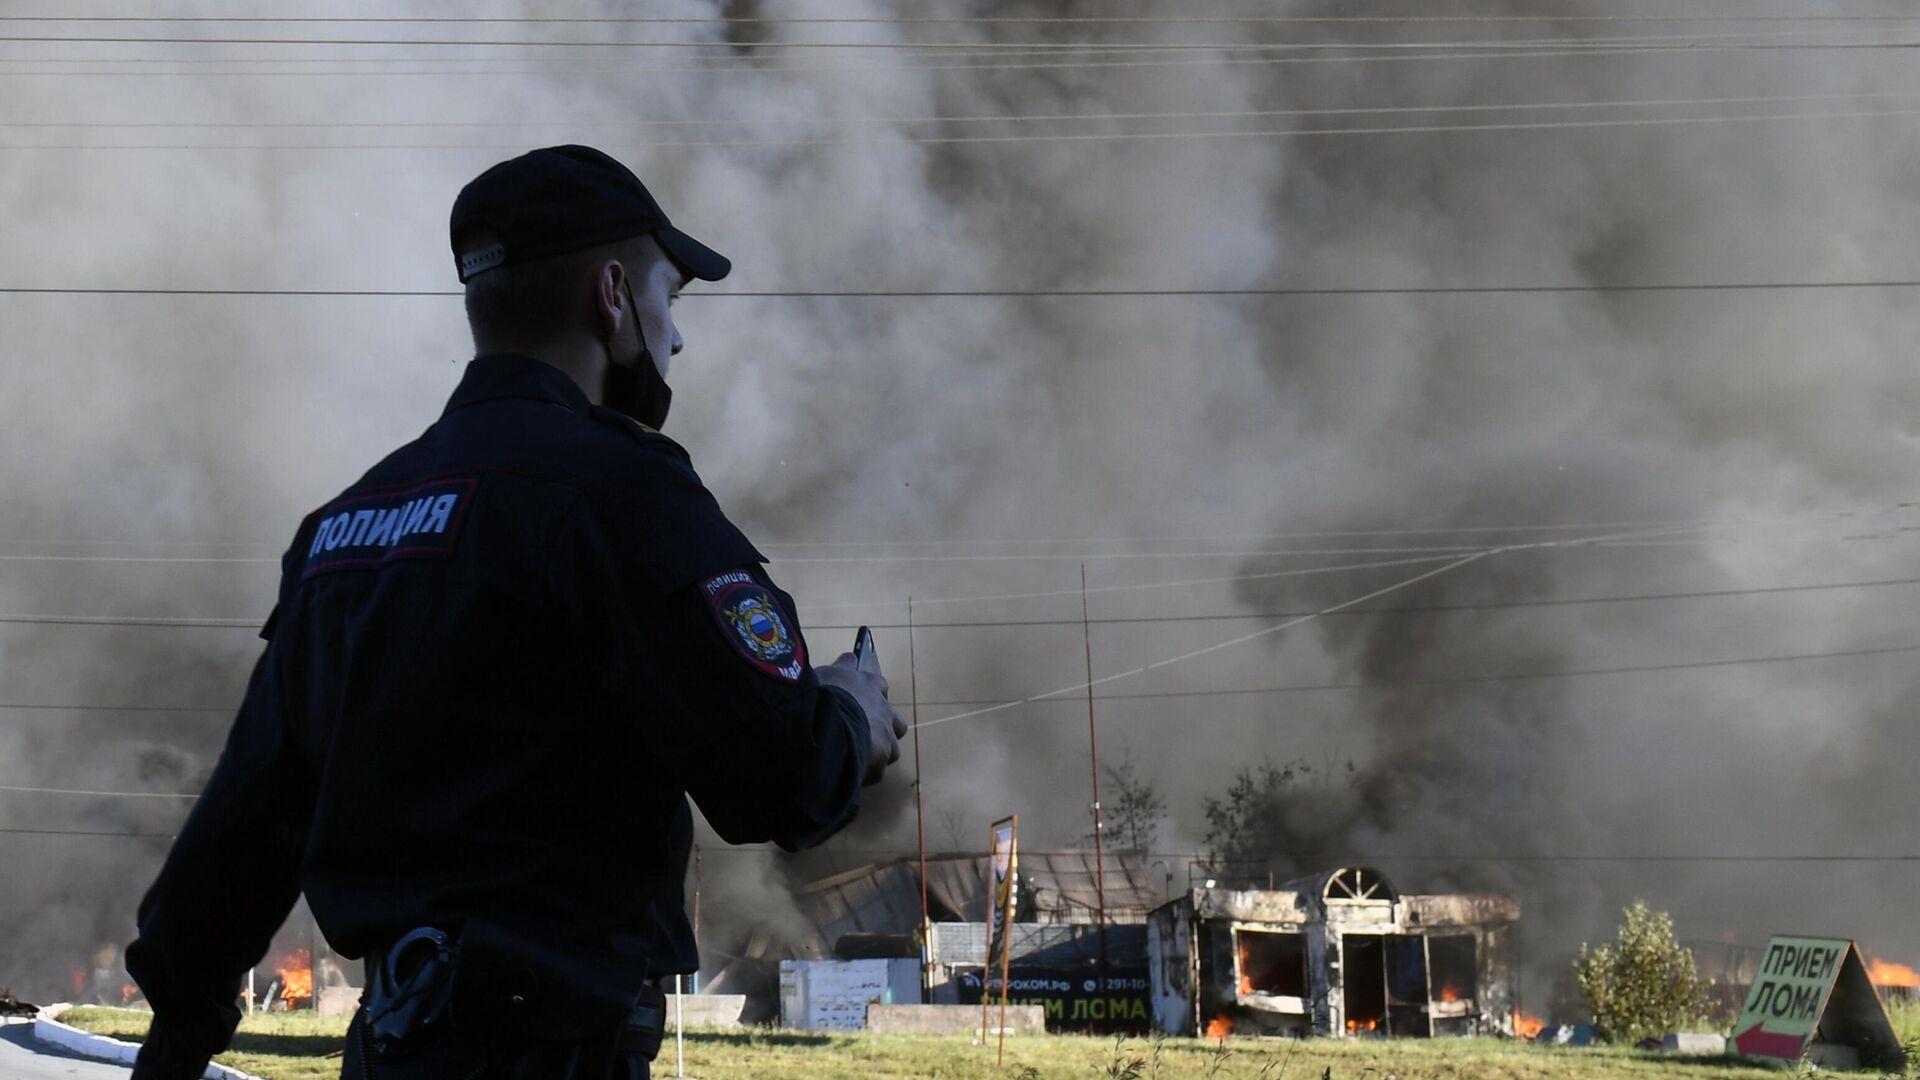 Сотрудник полиции у горящей автозаправки в Новосибирске - РИА Новости, 1920, 14.06.2021